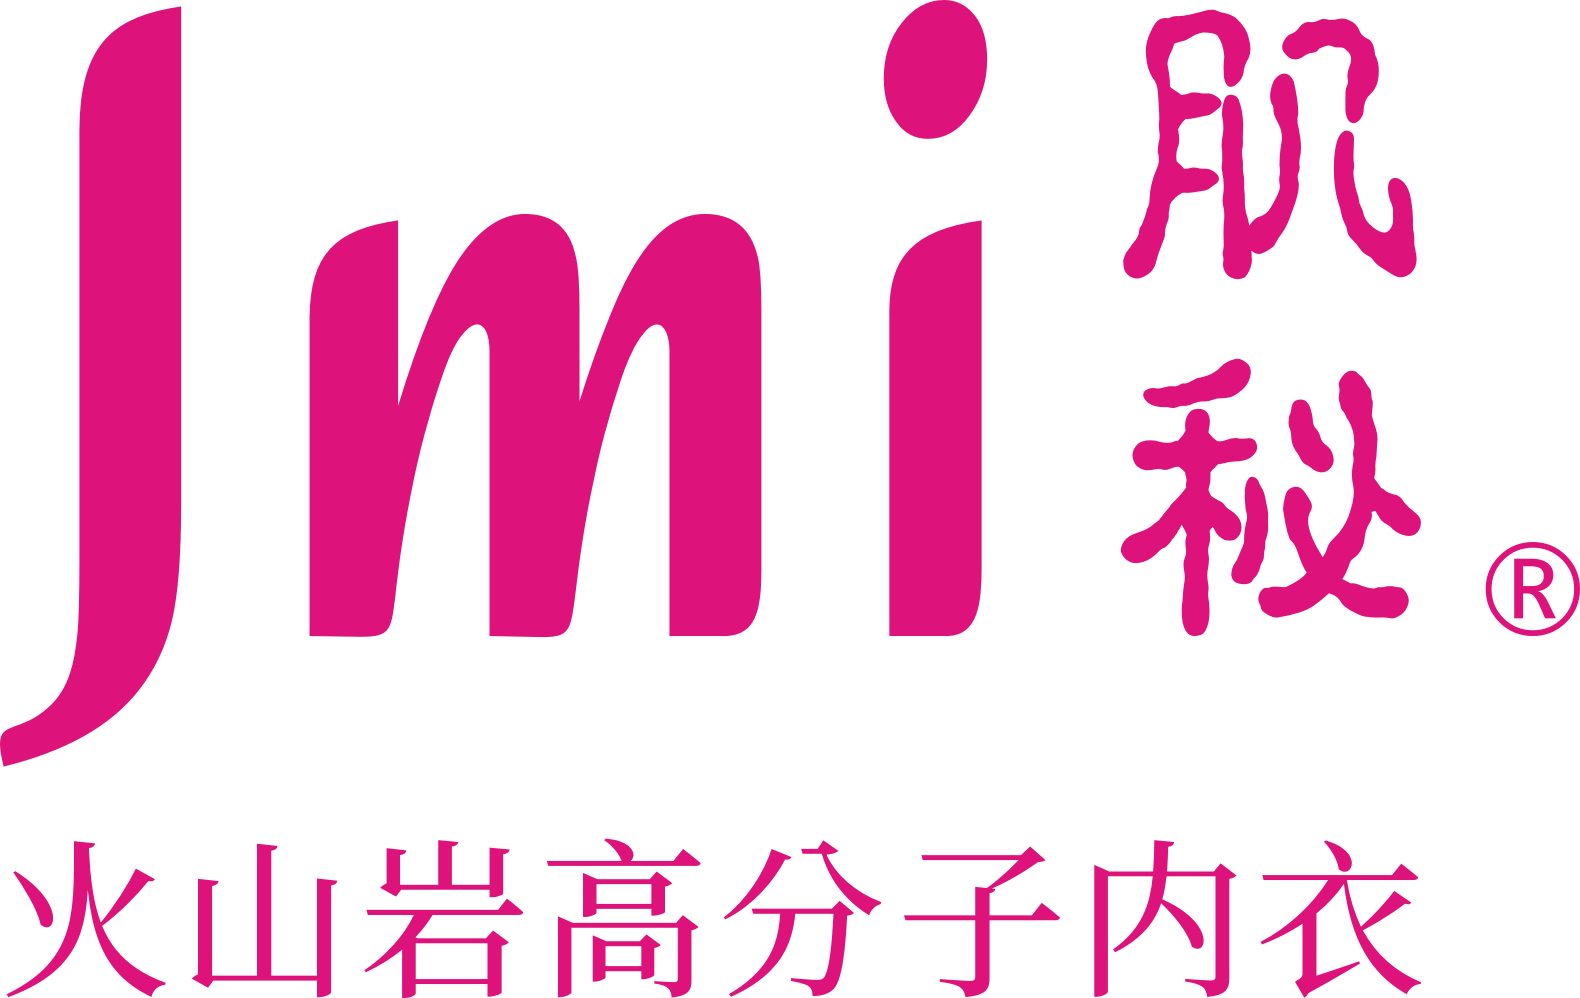 江苏聚喜纺织科技有限公司